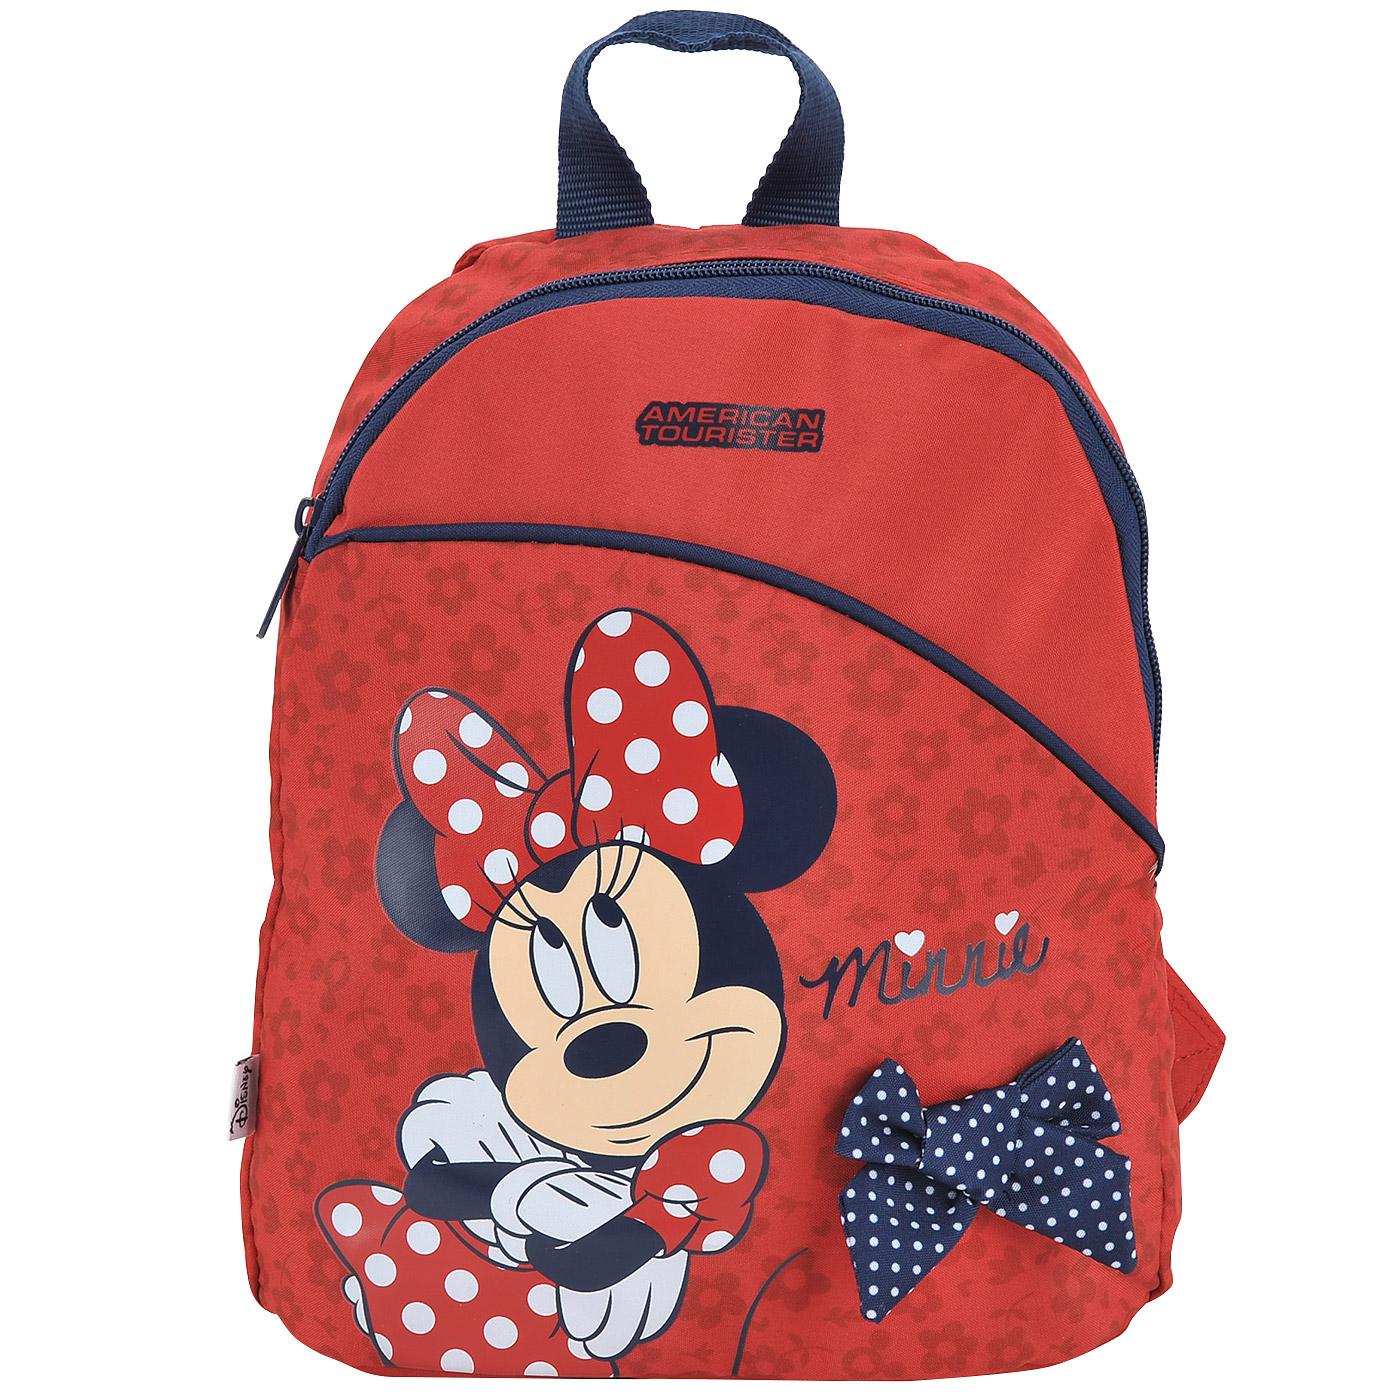 Где купить в омске детский рюкзак рюкзак каркасный ортопедический dream 438949